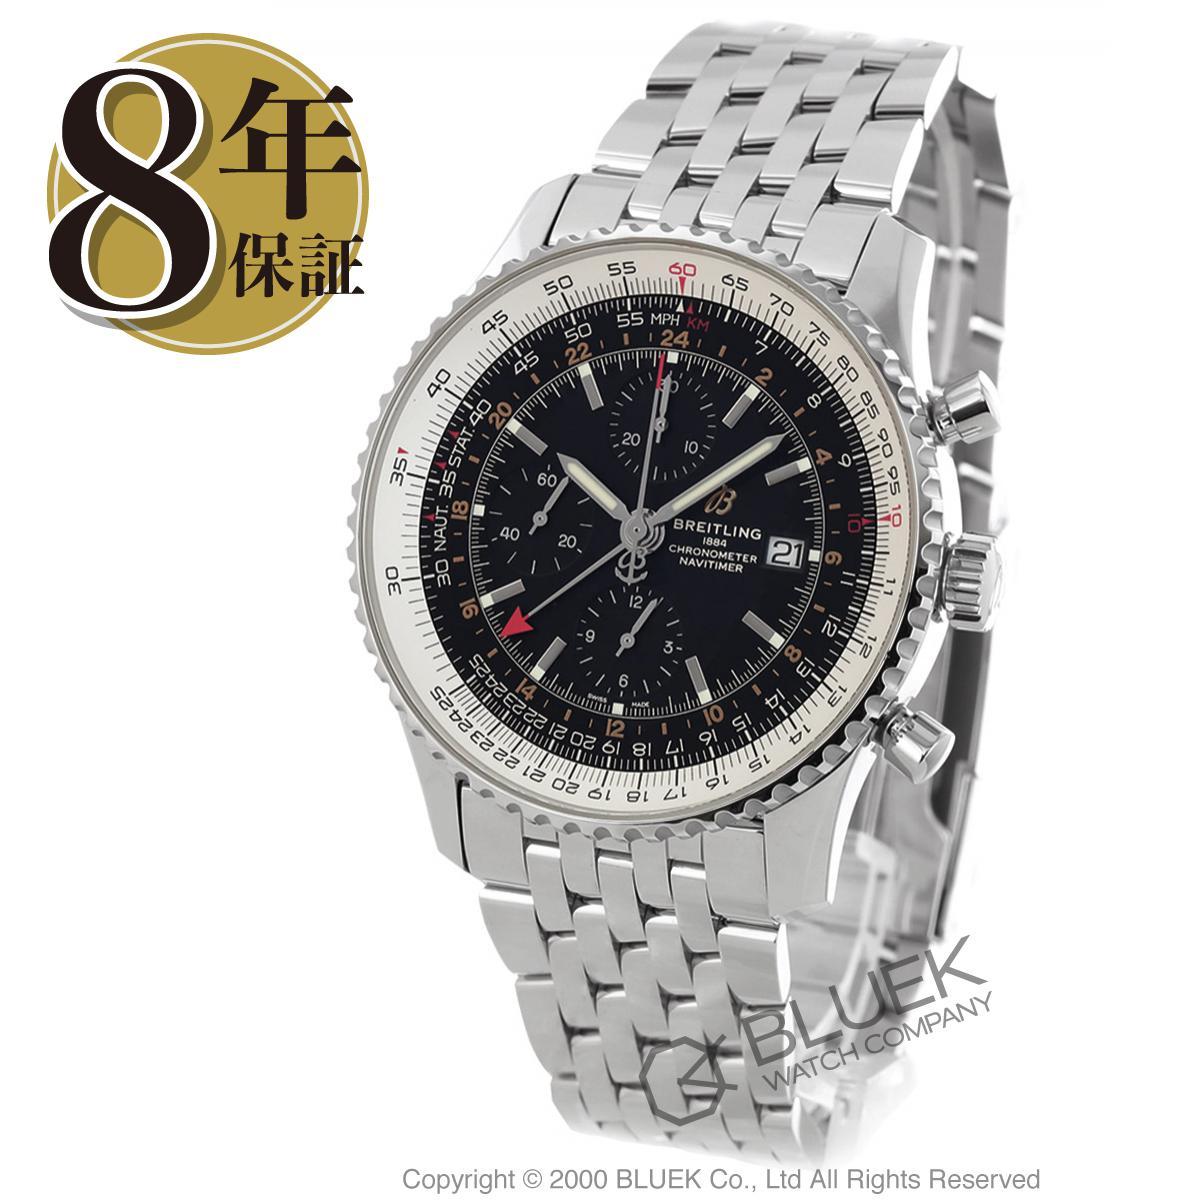 【15,000円OFFクーポン対象】ブライトリング ナビタイマー ワールド クロノグラフ GMT 腕時計 メンズ BREITLING A242B26NP_8